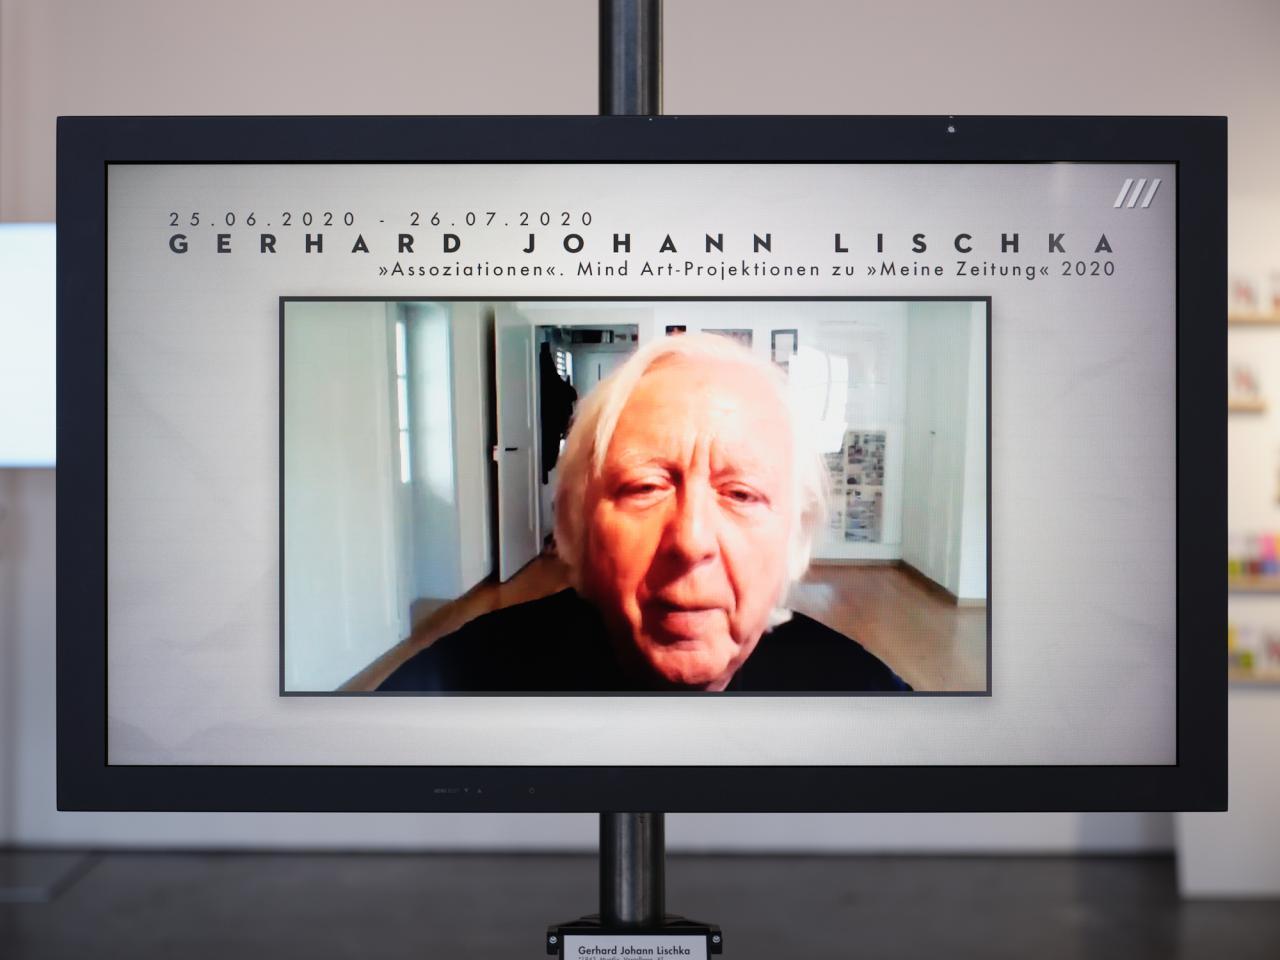 Zu sehen ist ein Bildschirm, auf dem das Gesicht eines alten Mannes spielt. Über dem Kopf des Mannes steht der Name Gerhard Johann Lischka.